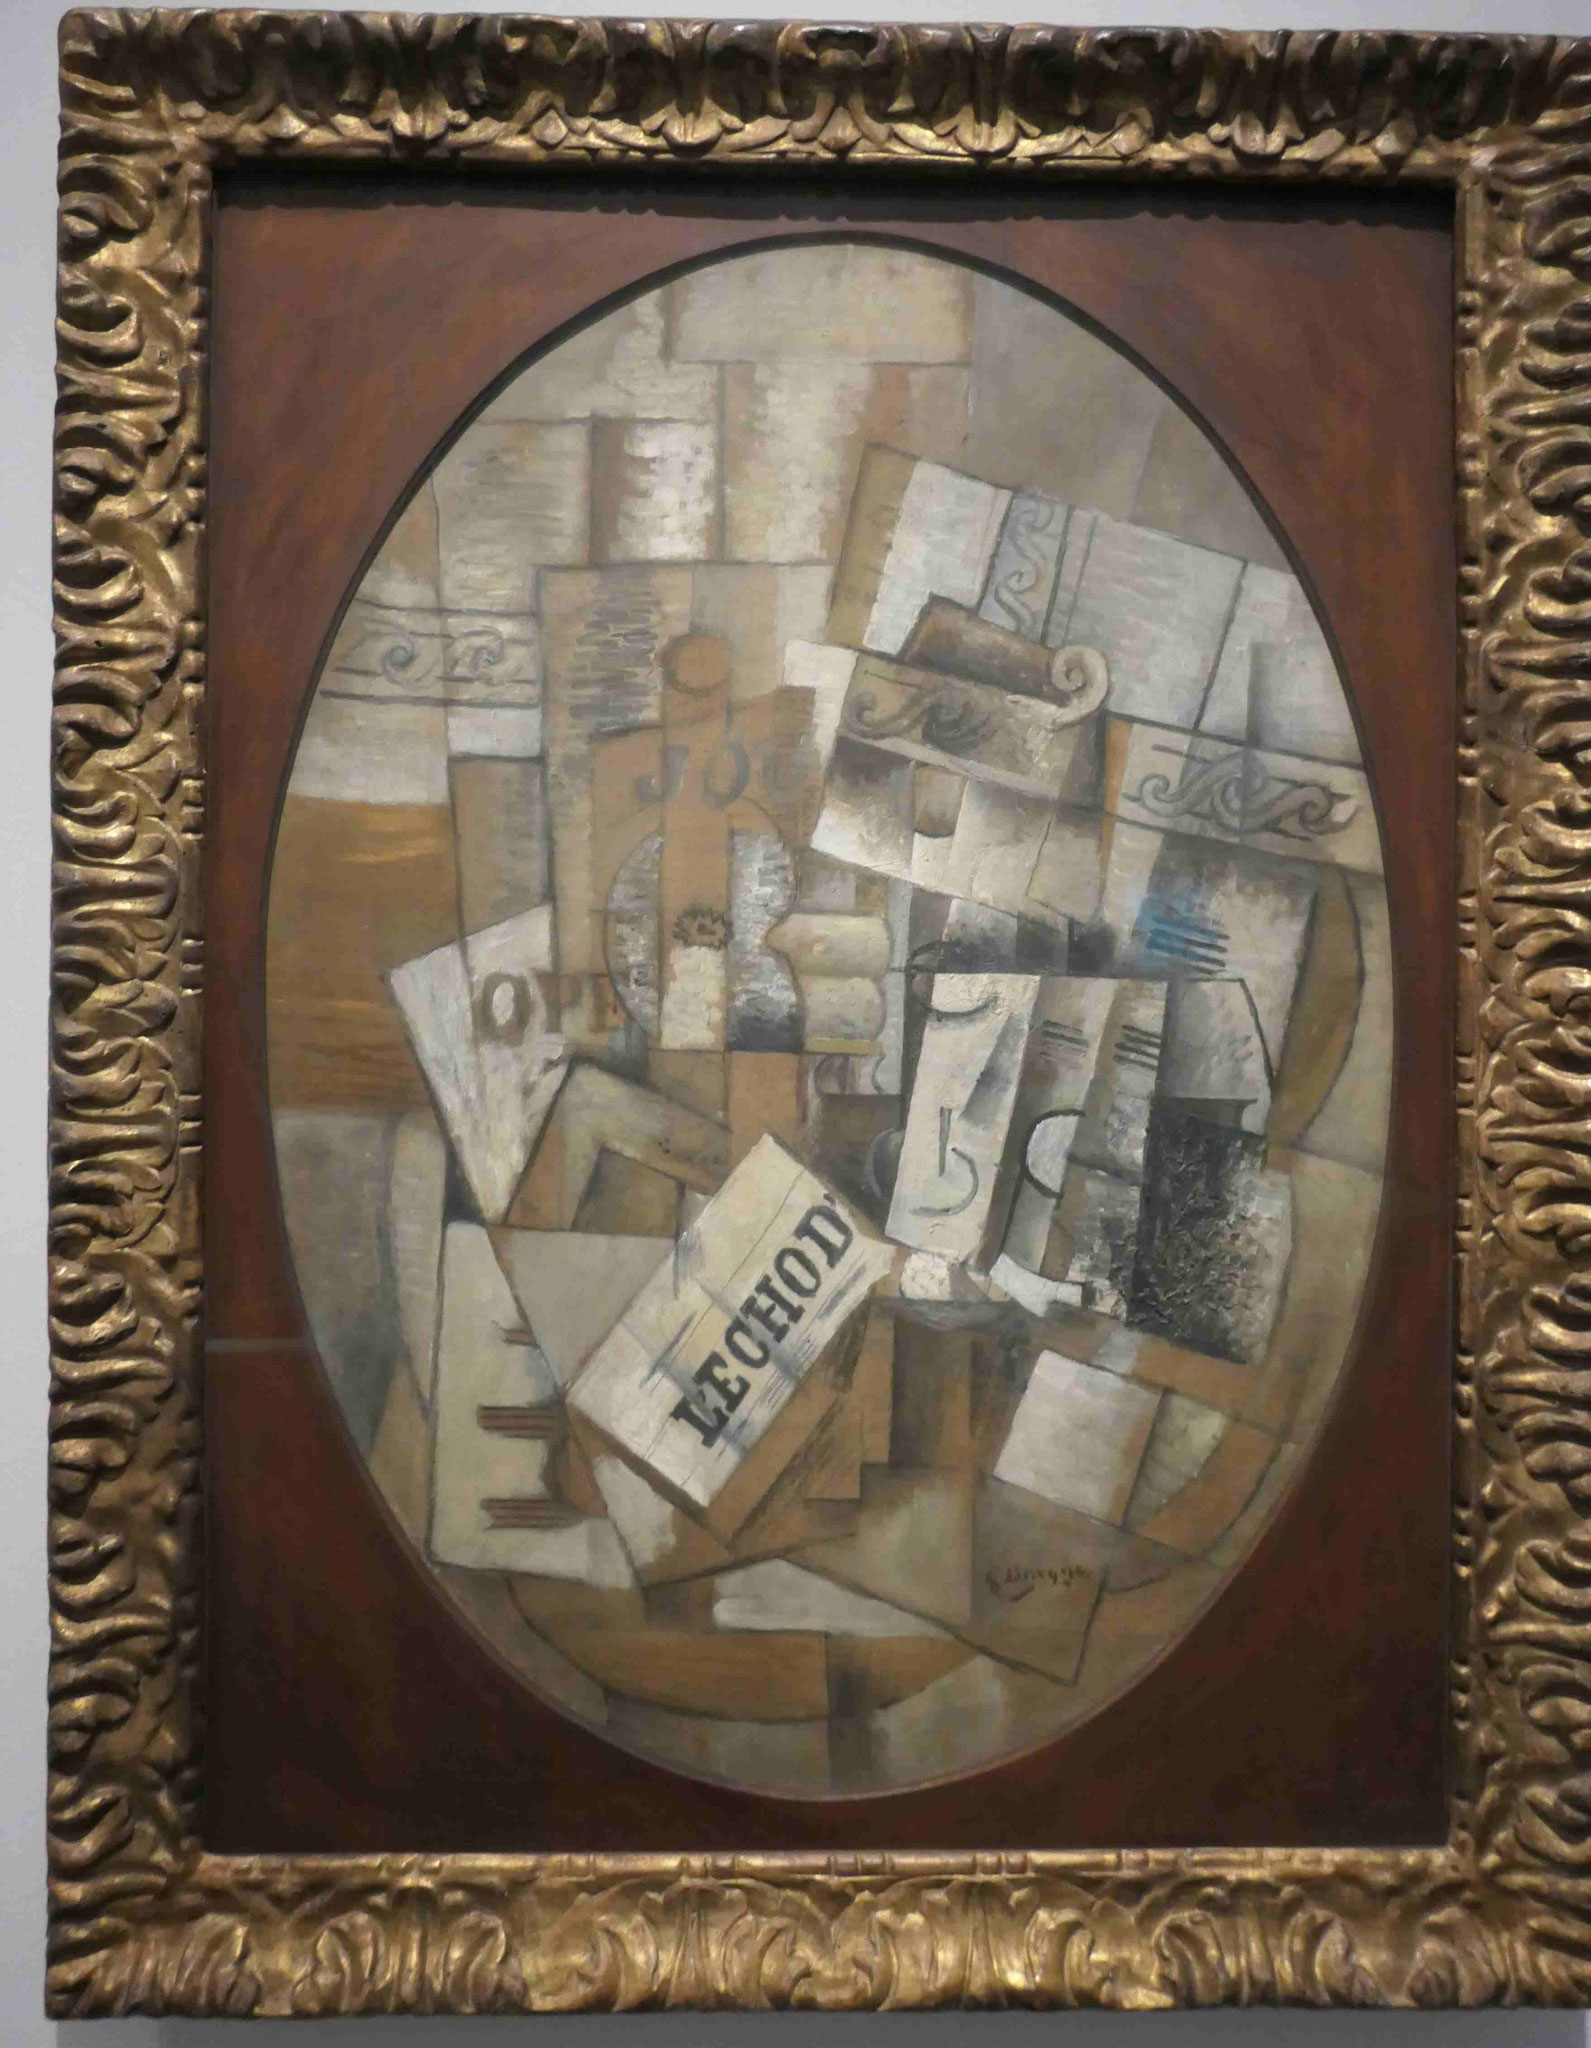 George Braque, Stilleben mit Glas und Zeitung, 1914, Neue Nationalgalerie Berlin